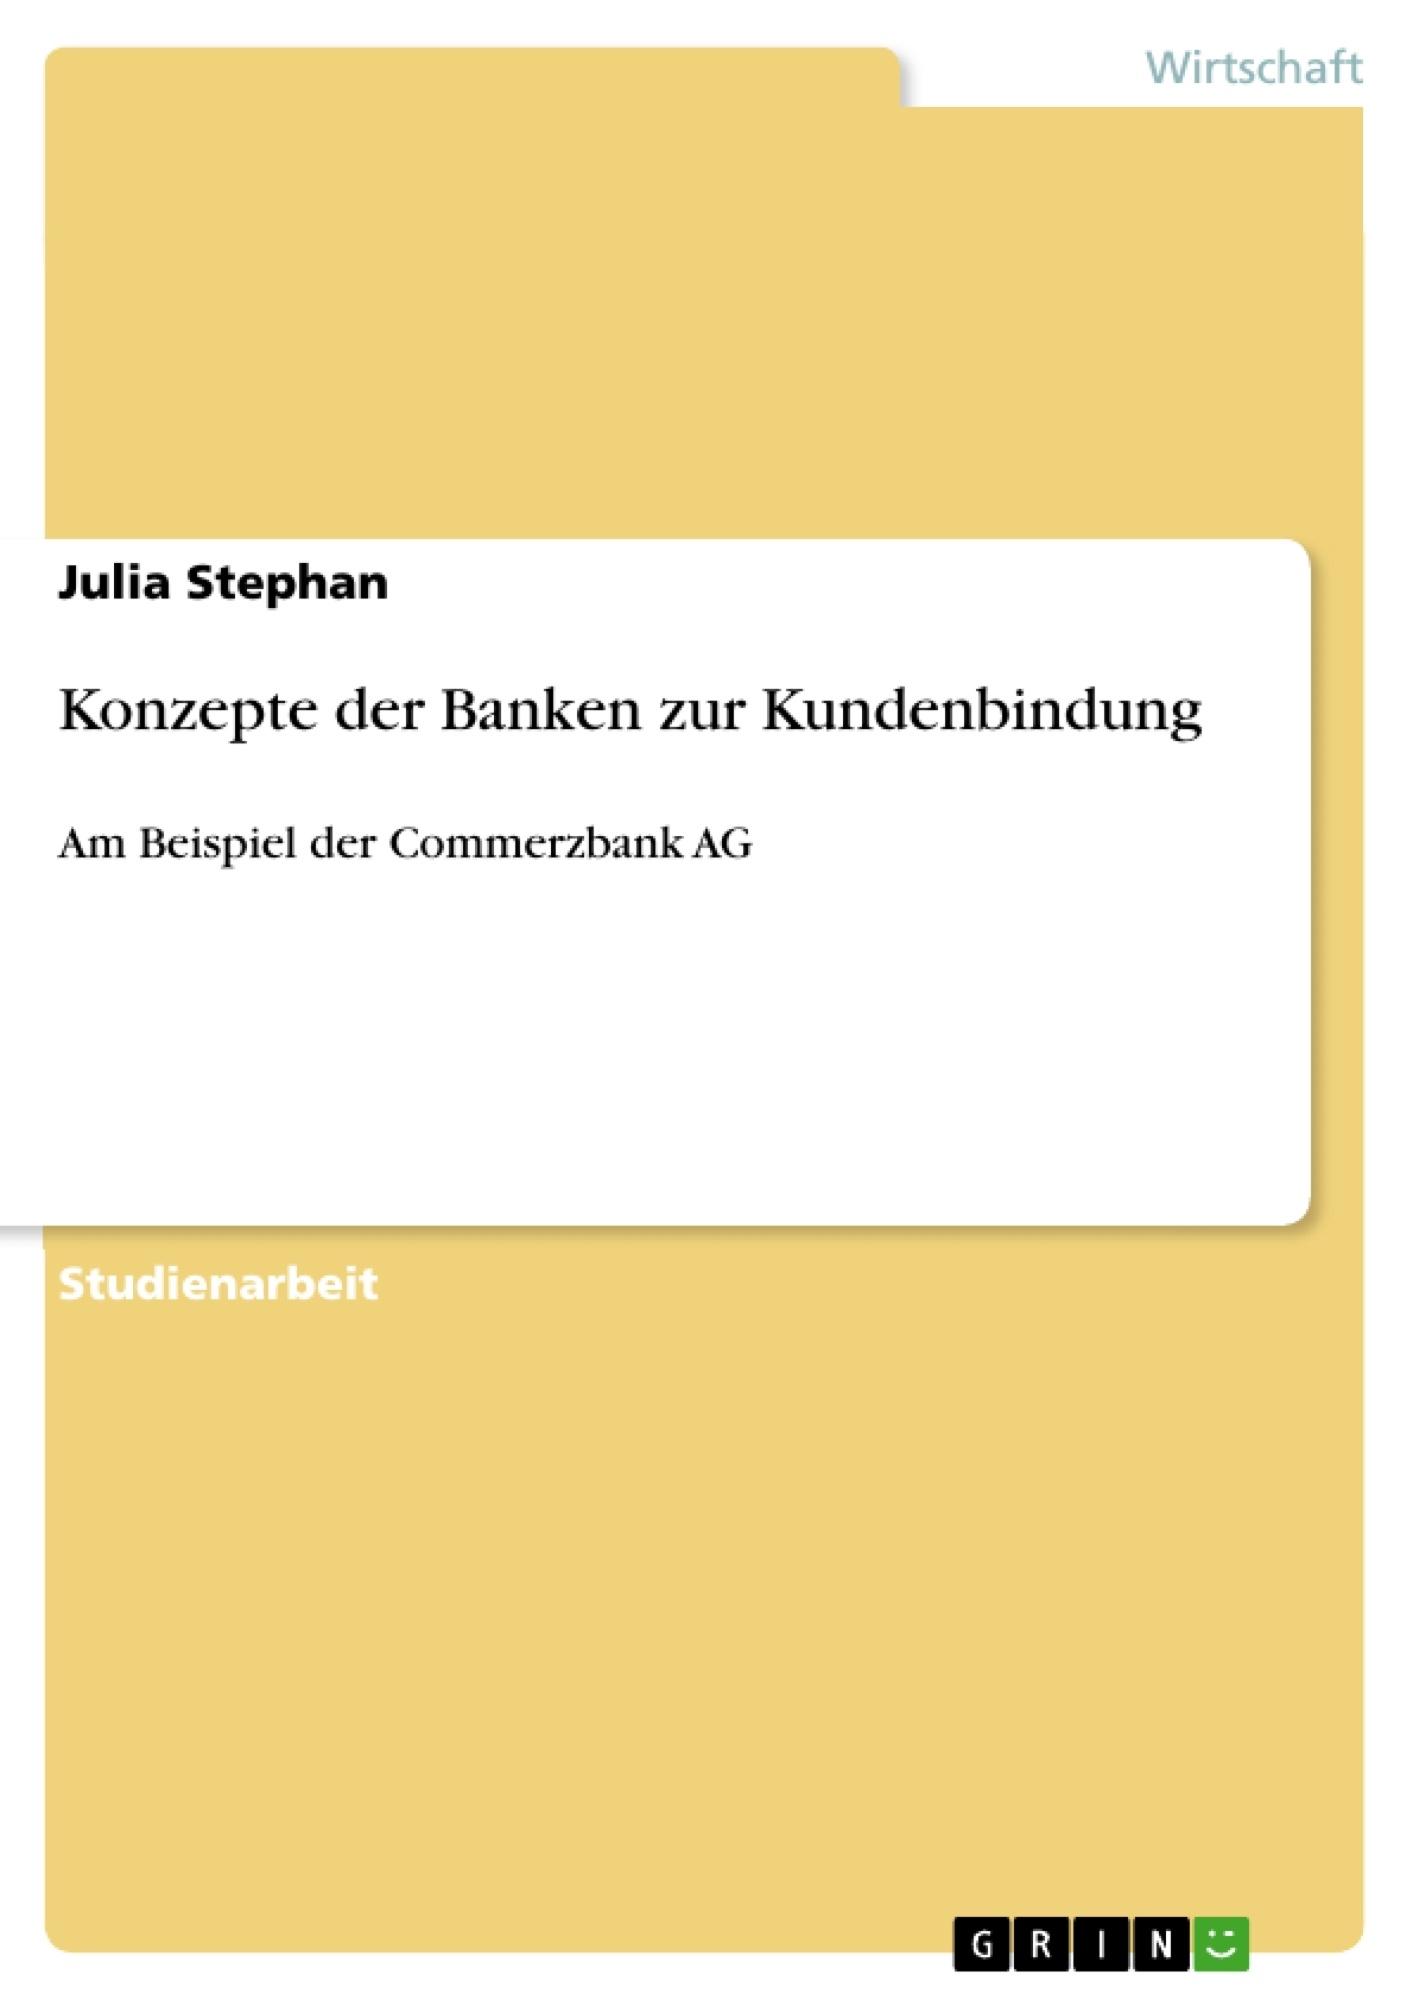 Titel: Konzepte der Banken zur Kundenbindung